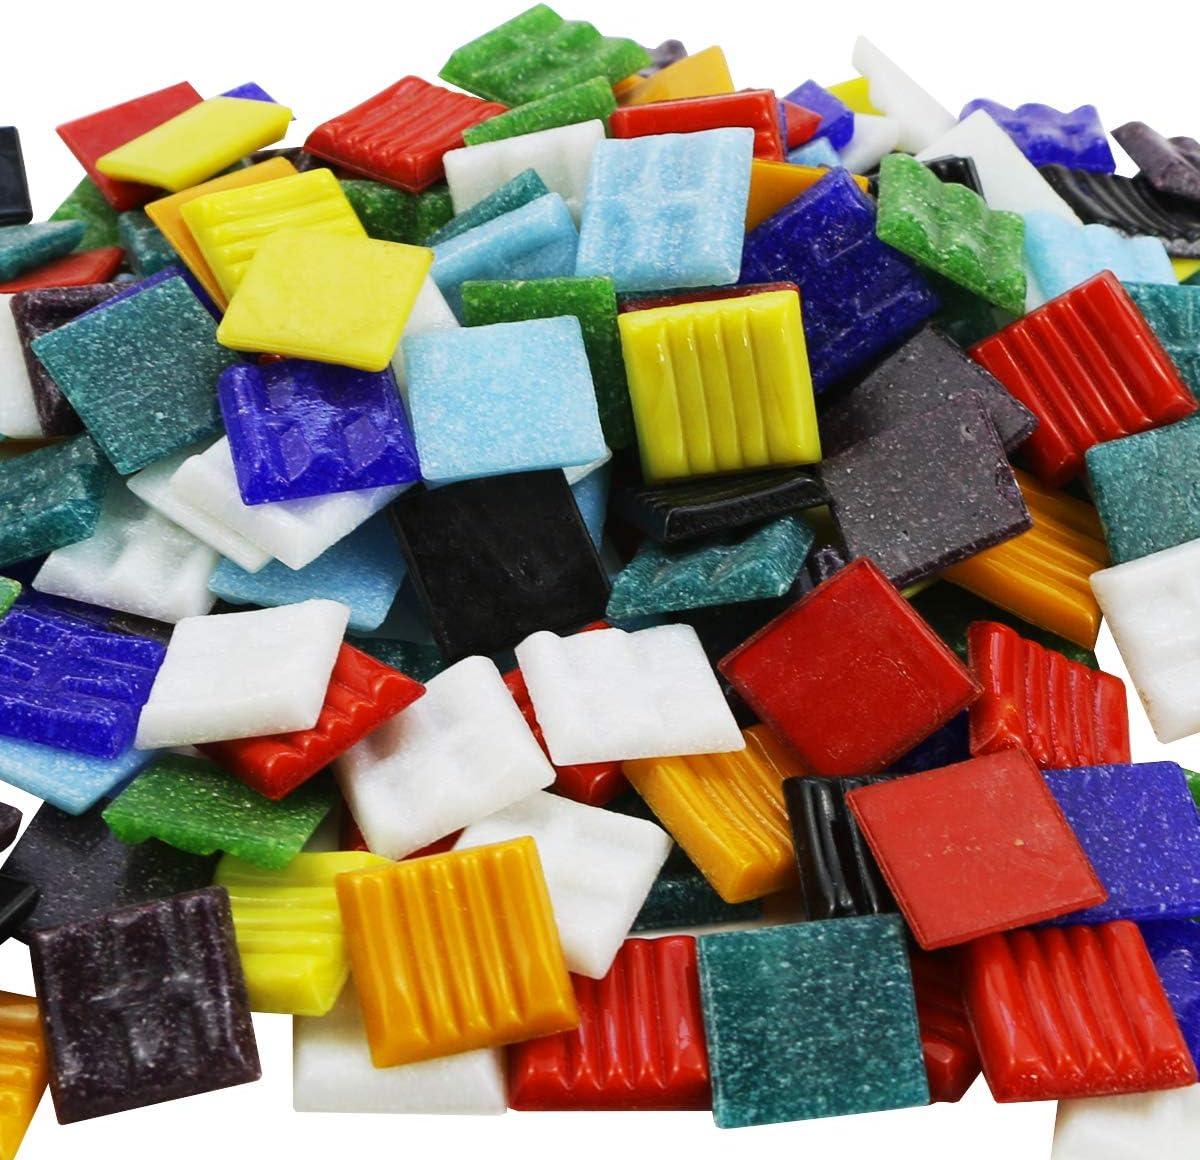 """BcPowr 160PCS Assorted Colors 3/4"""" (20mm) Mosaic Tiles, Bulk Mosaic Tiles for Crafts Venetian Glass Tiles Glass Tiles for Backsplash Mosaic Glass Pieces Home Decoration DIY Crafts (1 Pound, Square)"""